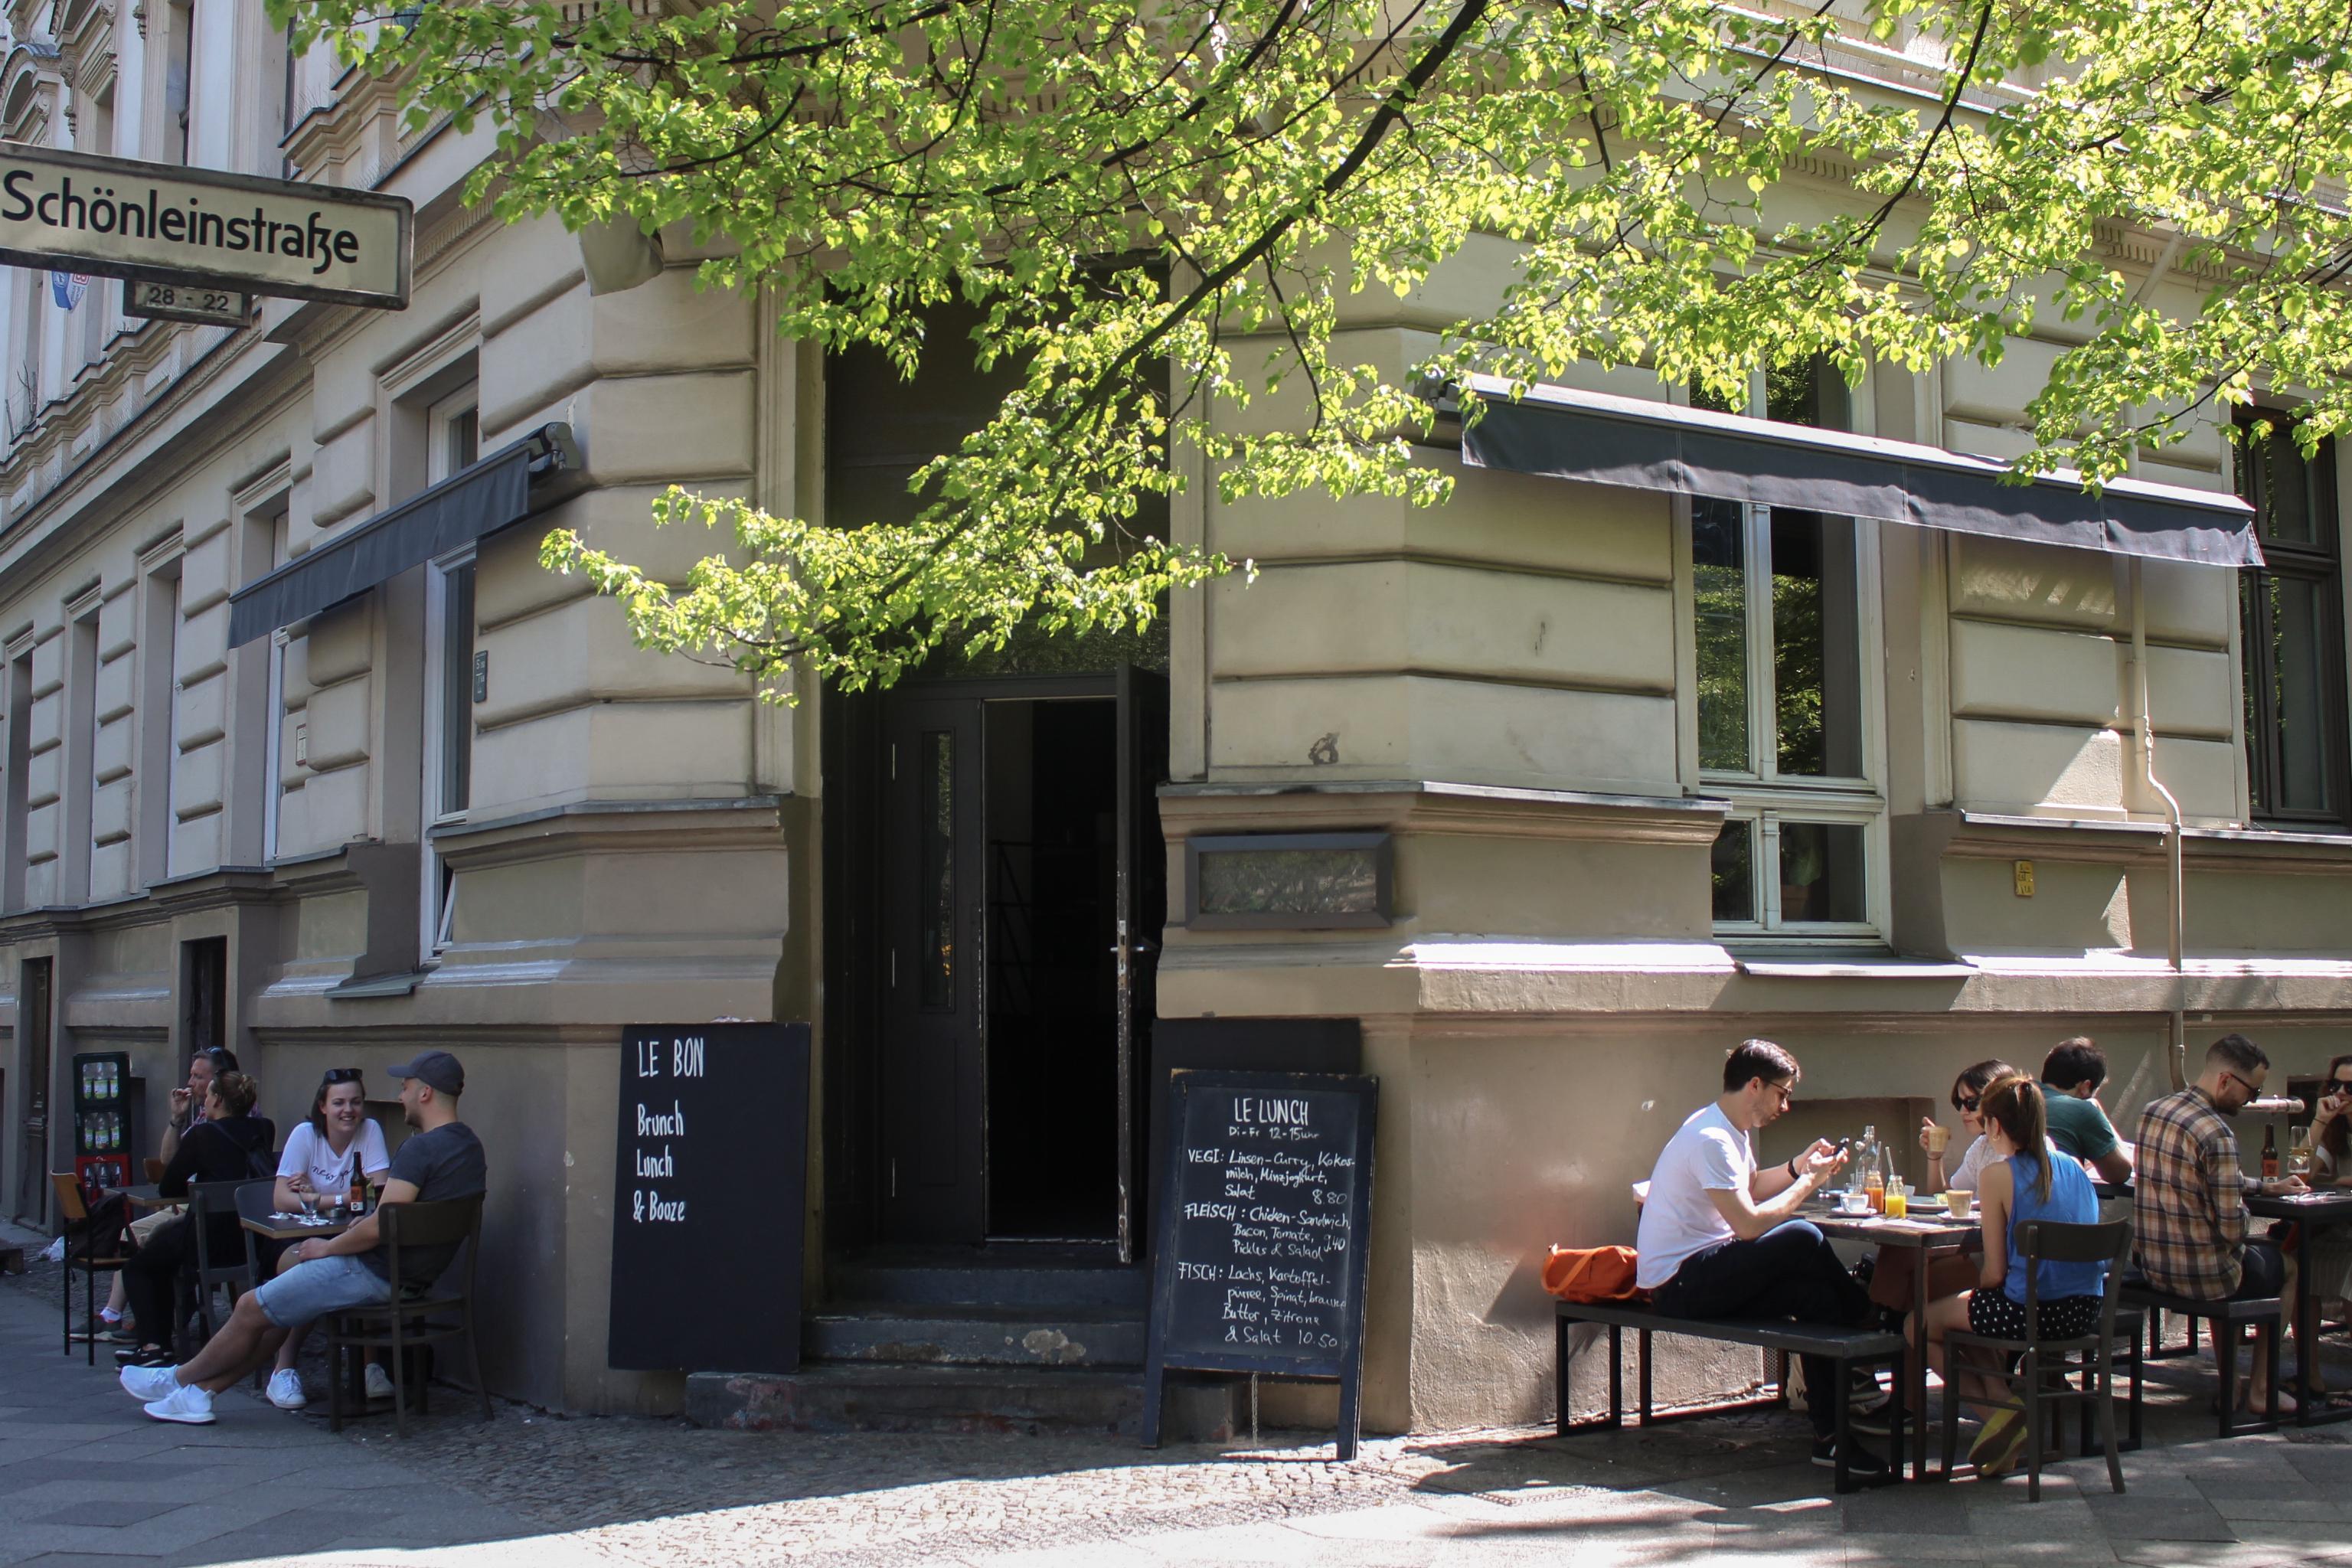 Exploring Kreuzberg: A Guide to Graefekiez